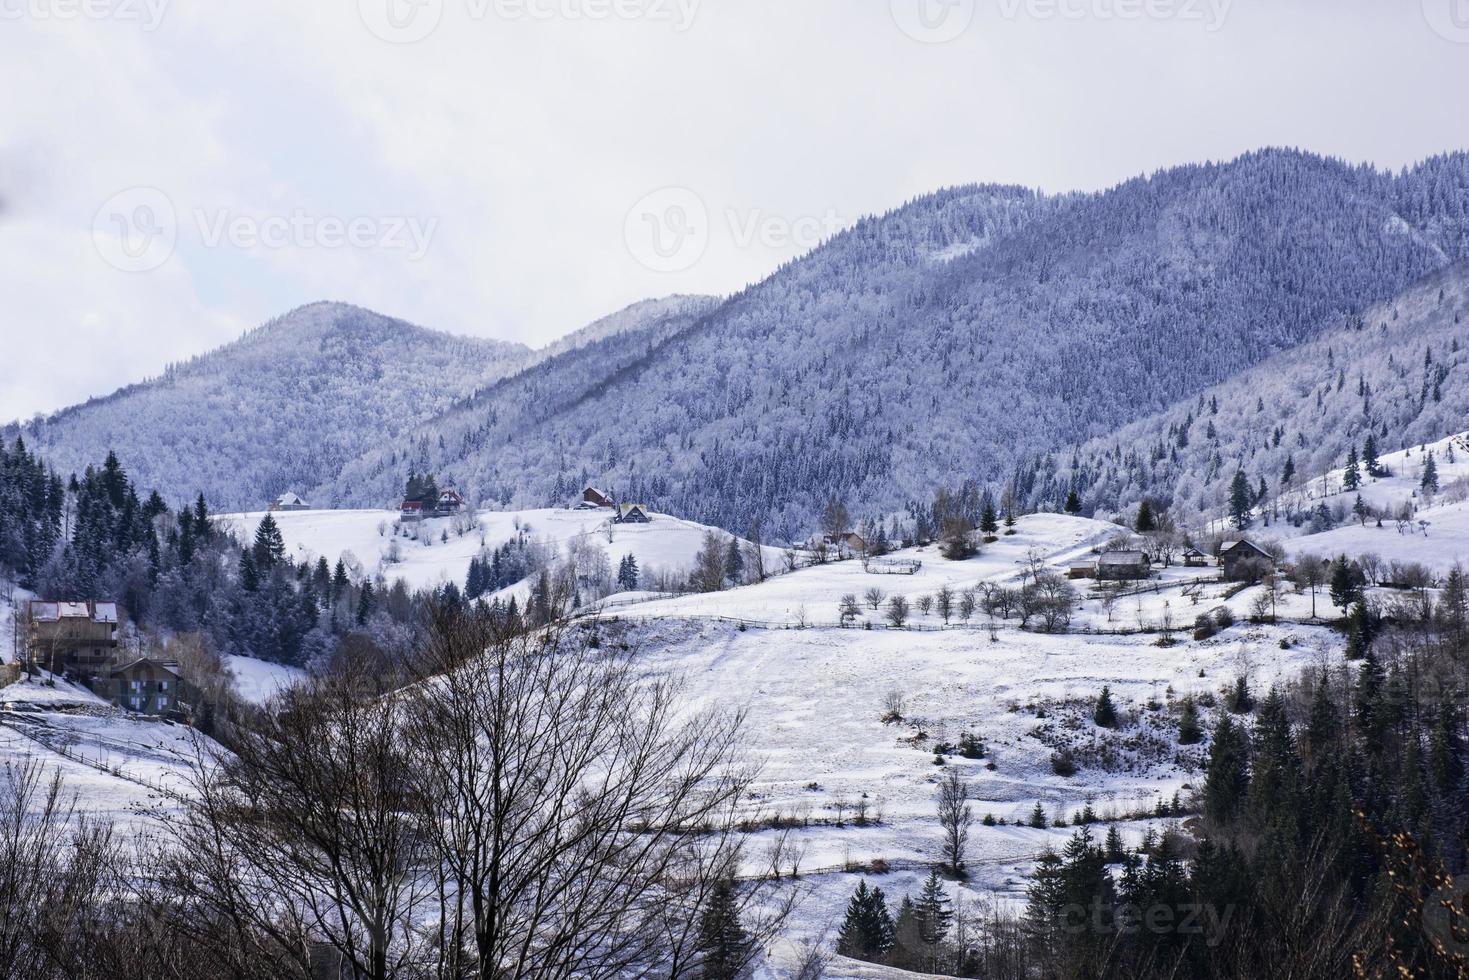 Winter landscape in a romanian village - Magura photo